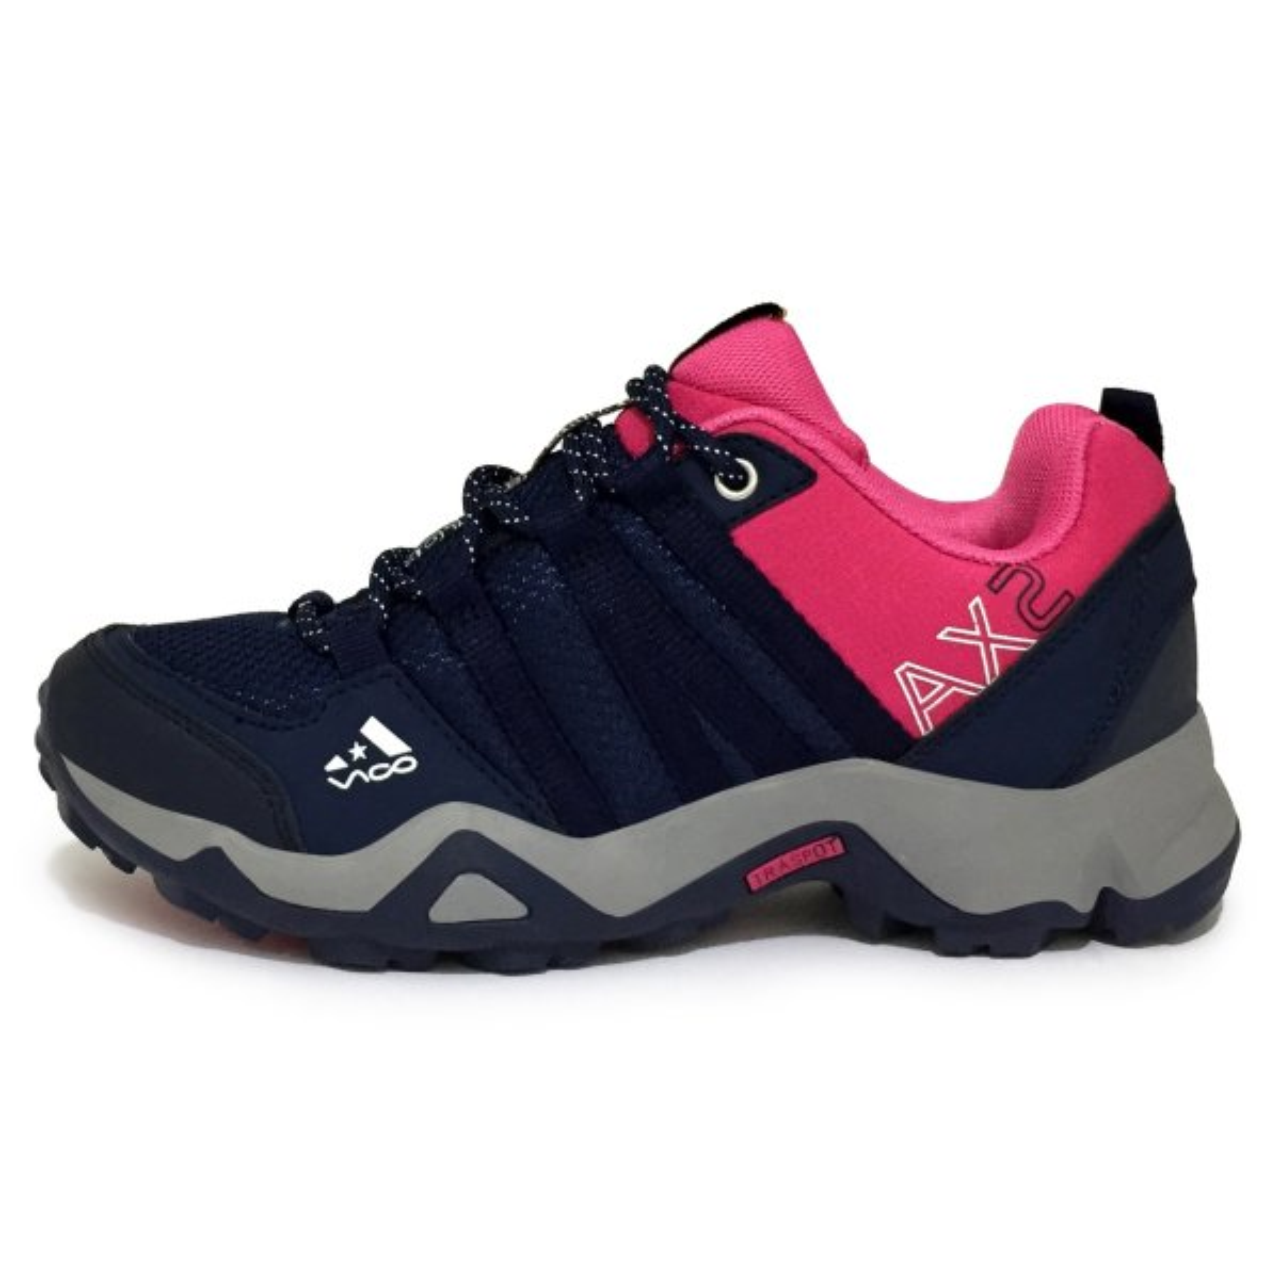 کفش مخصوص پیاده روی زنانه ویکو کد 3032F5